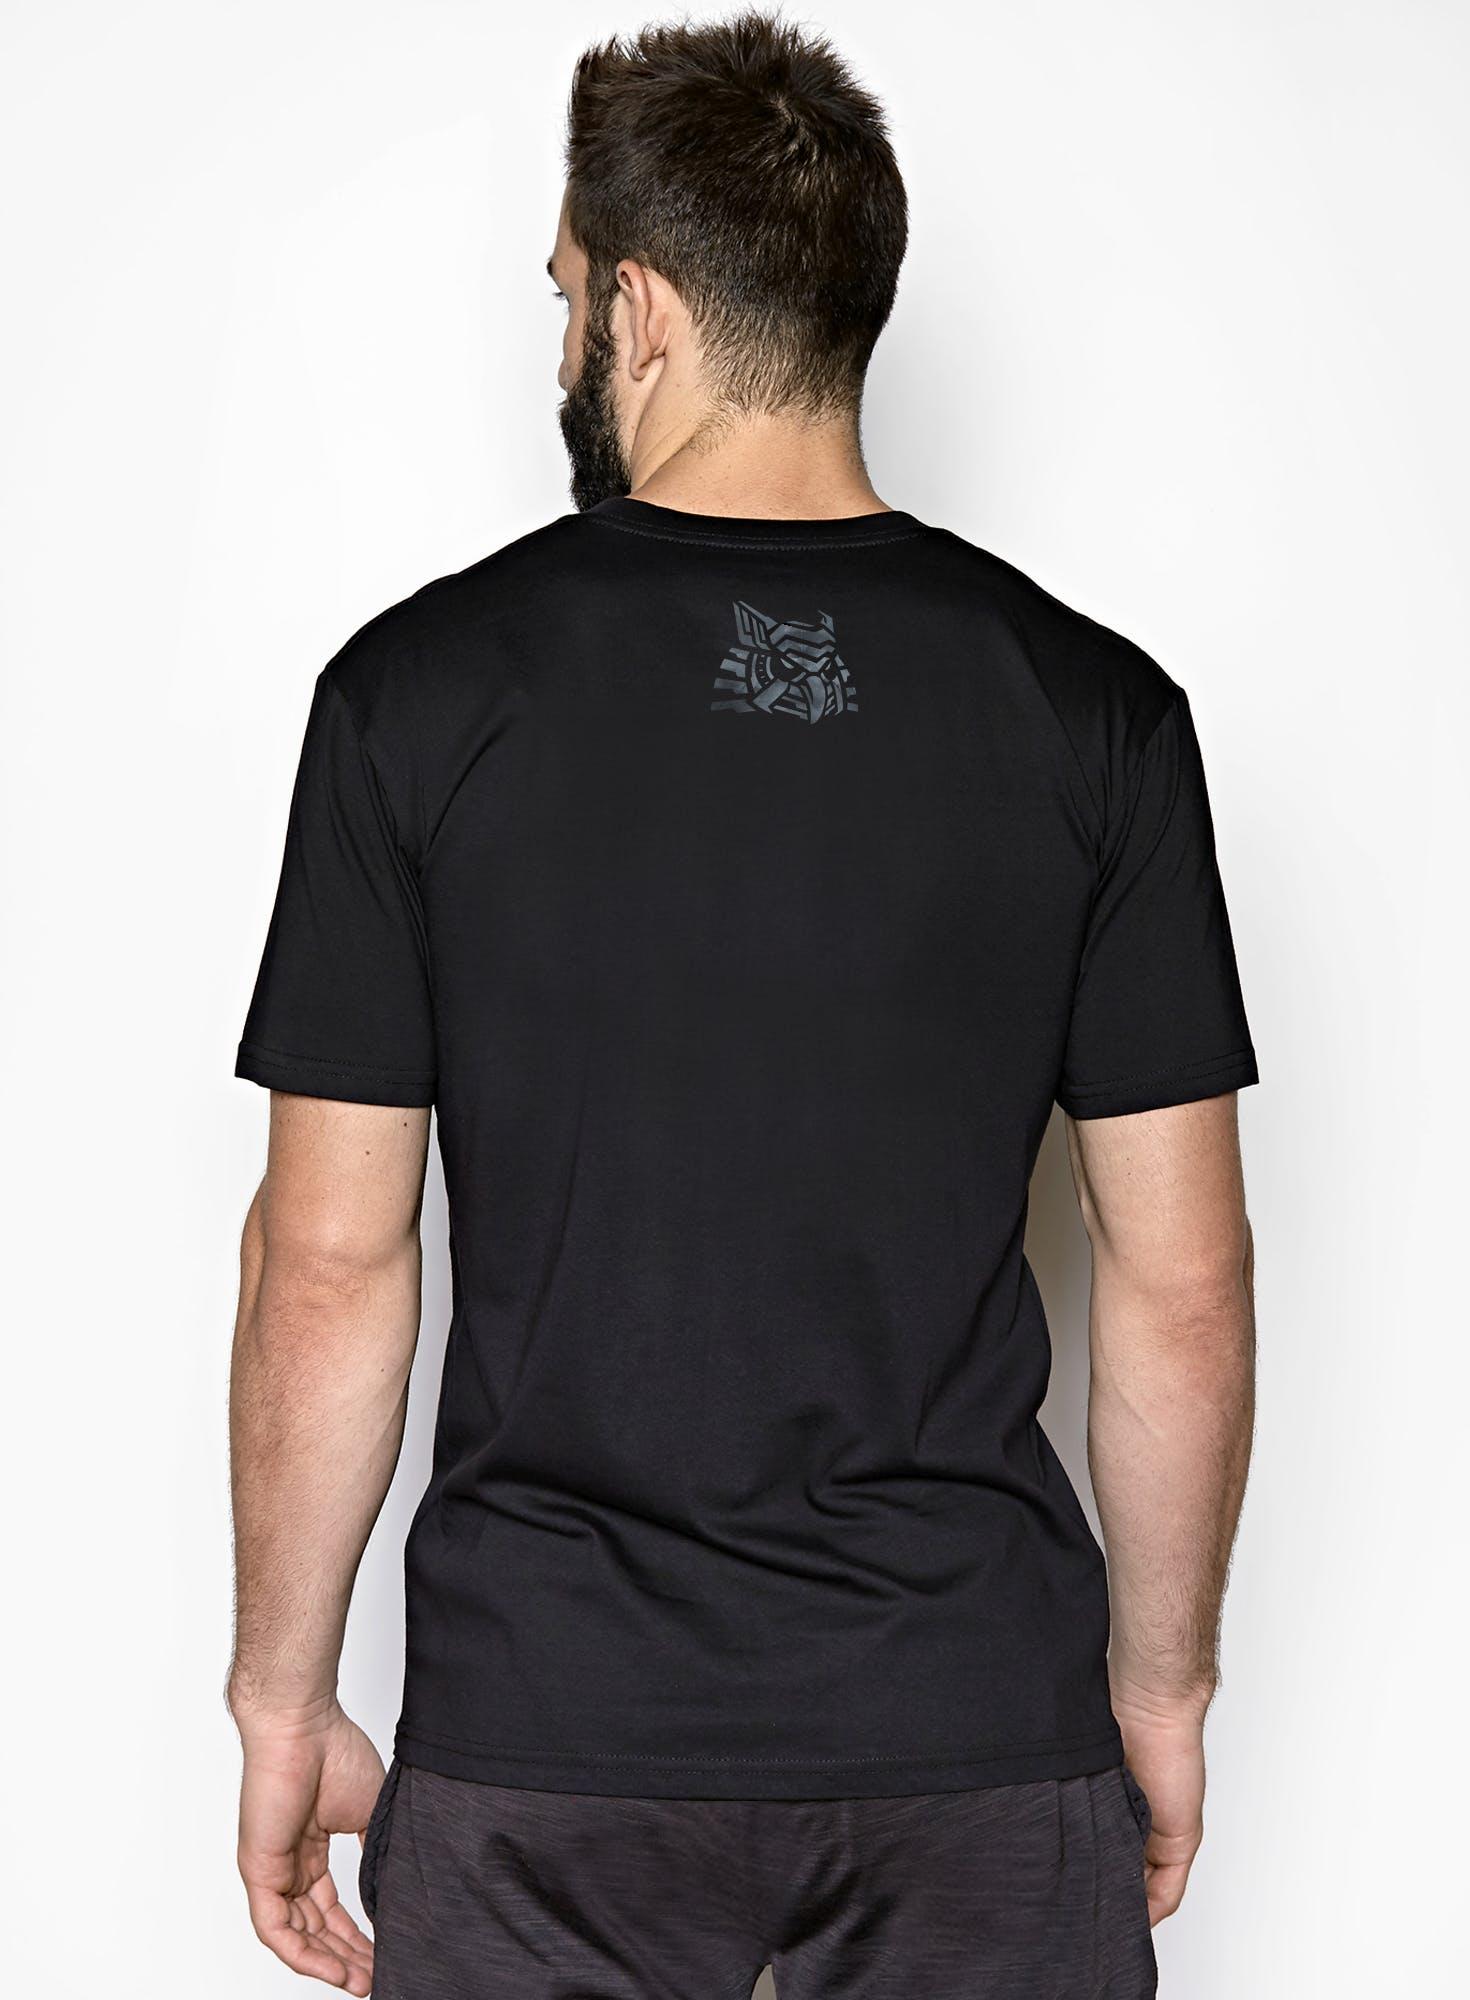 10th Planet Geo Galaxy T-Shirt Bonus Image